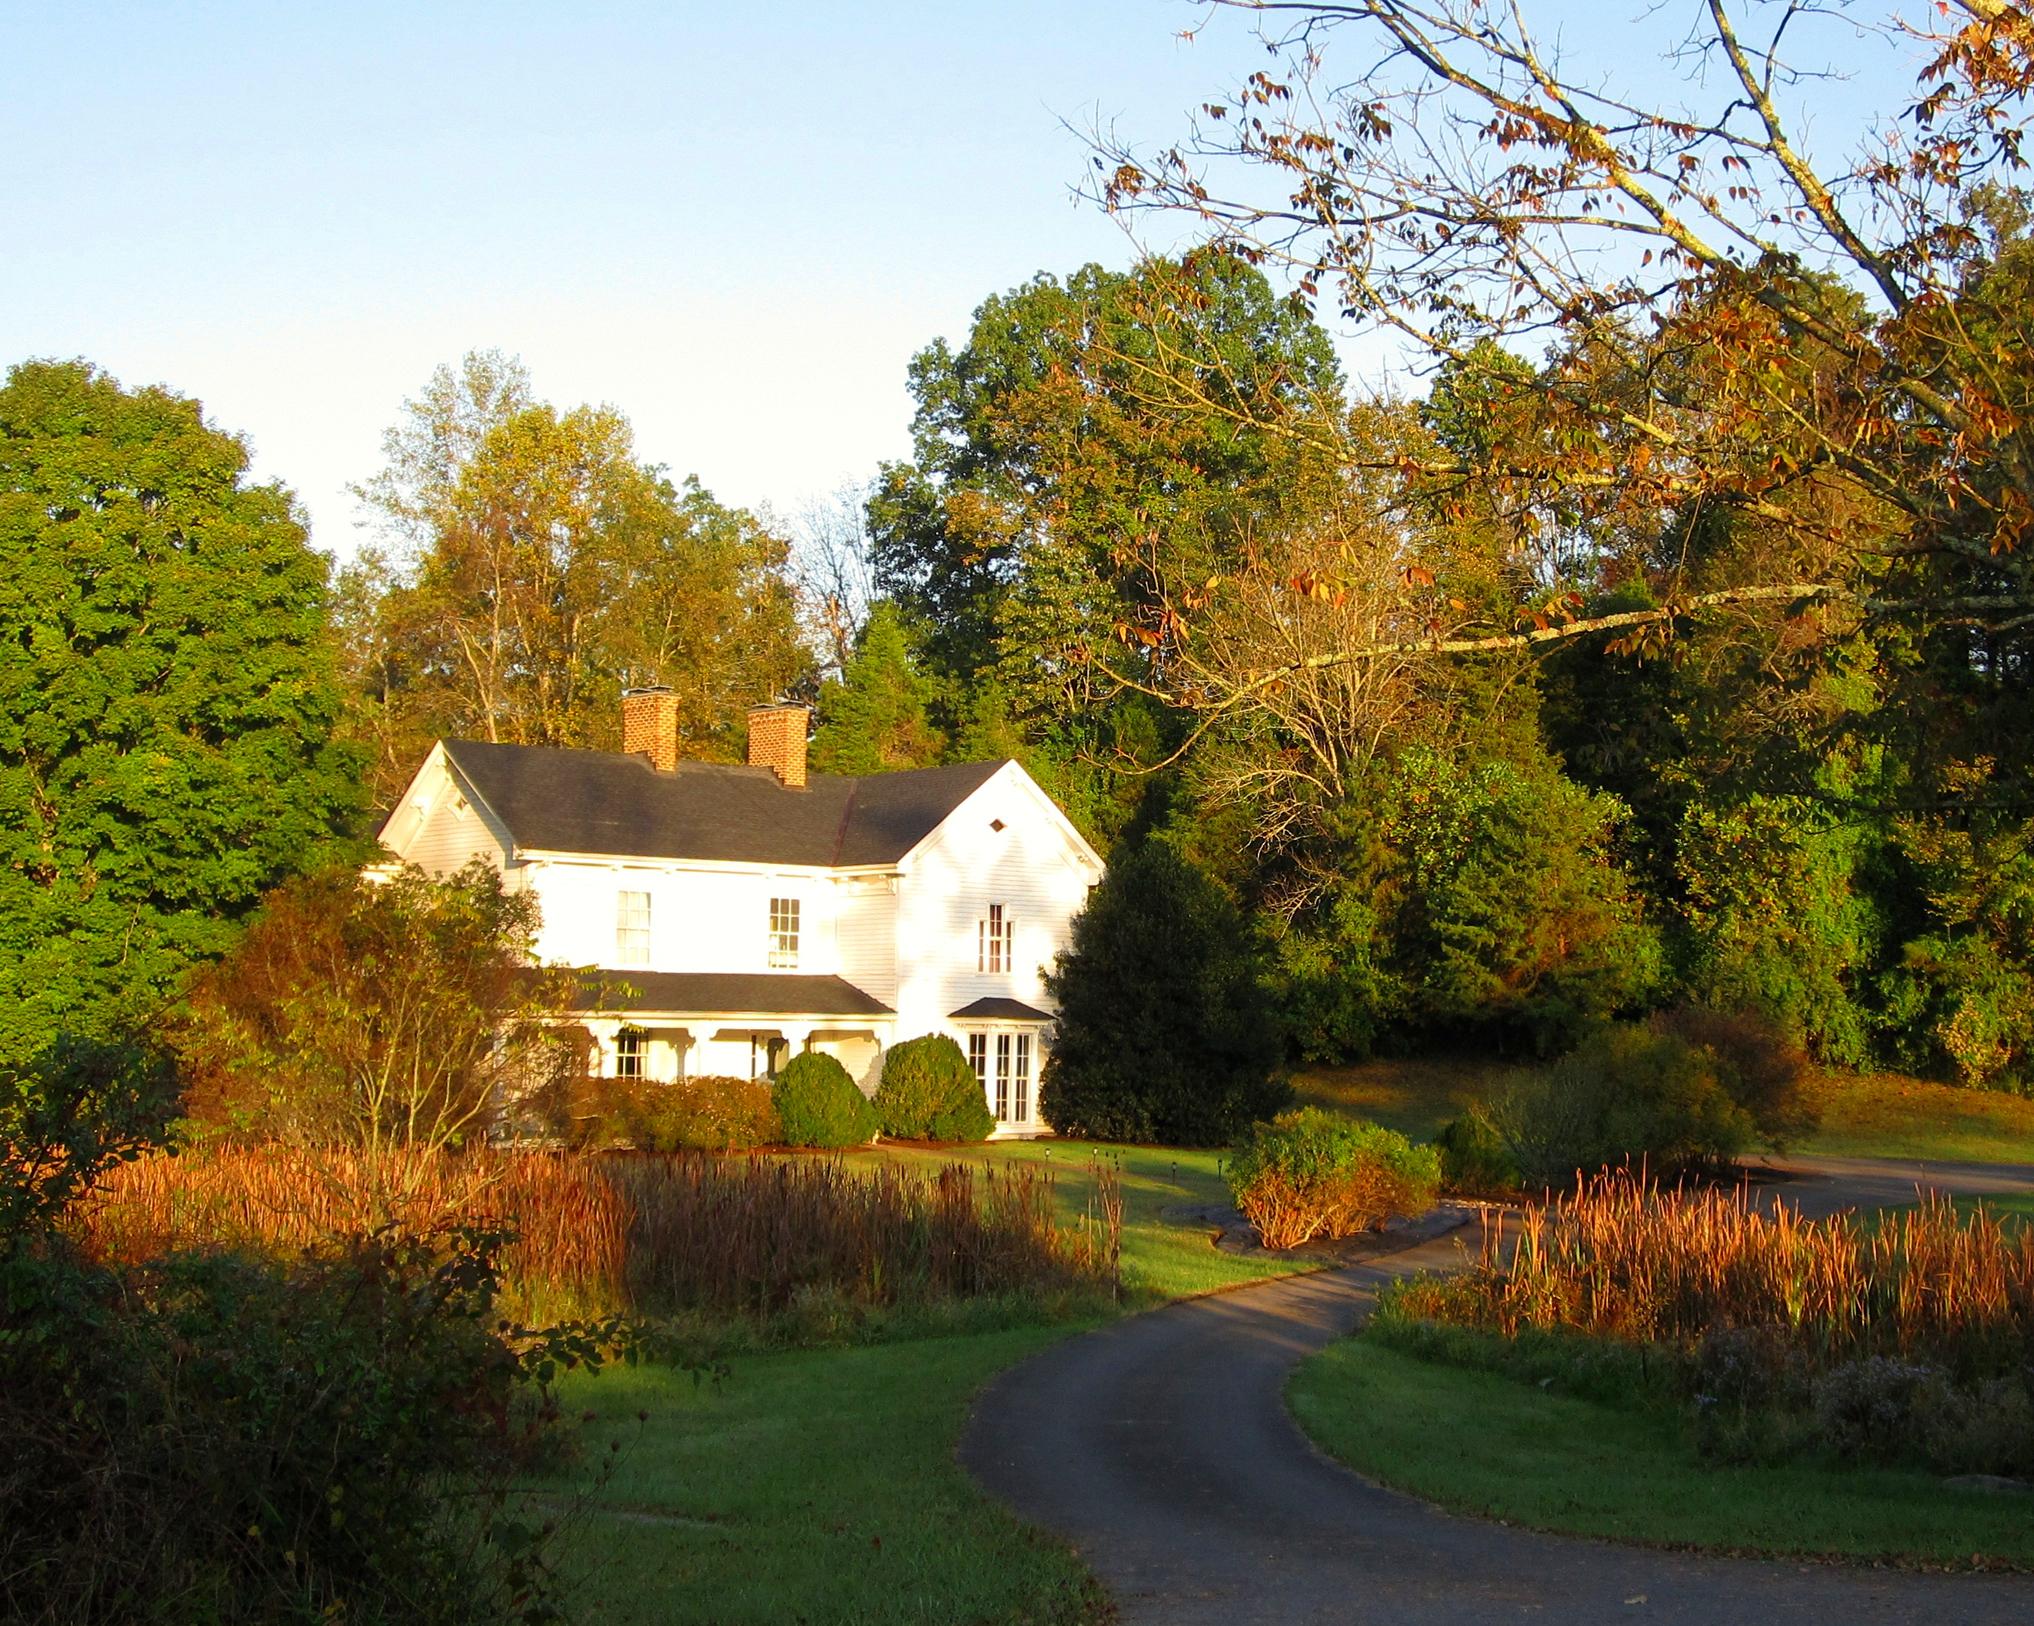 Baker-St. John House